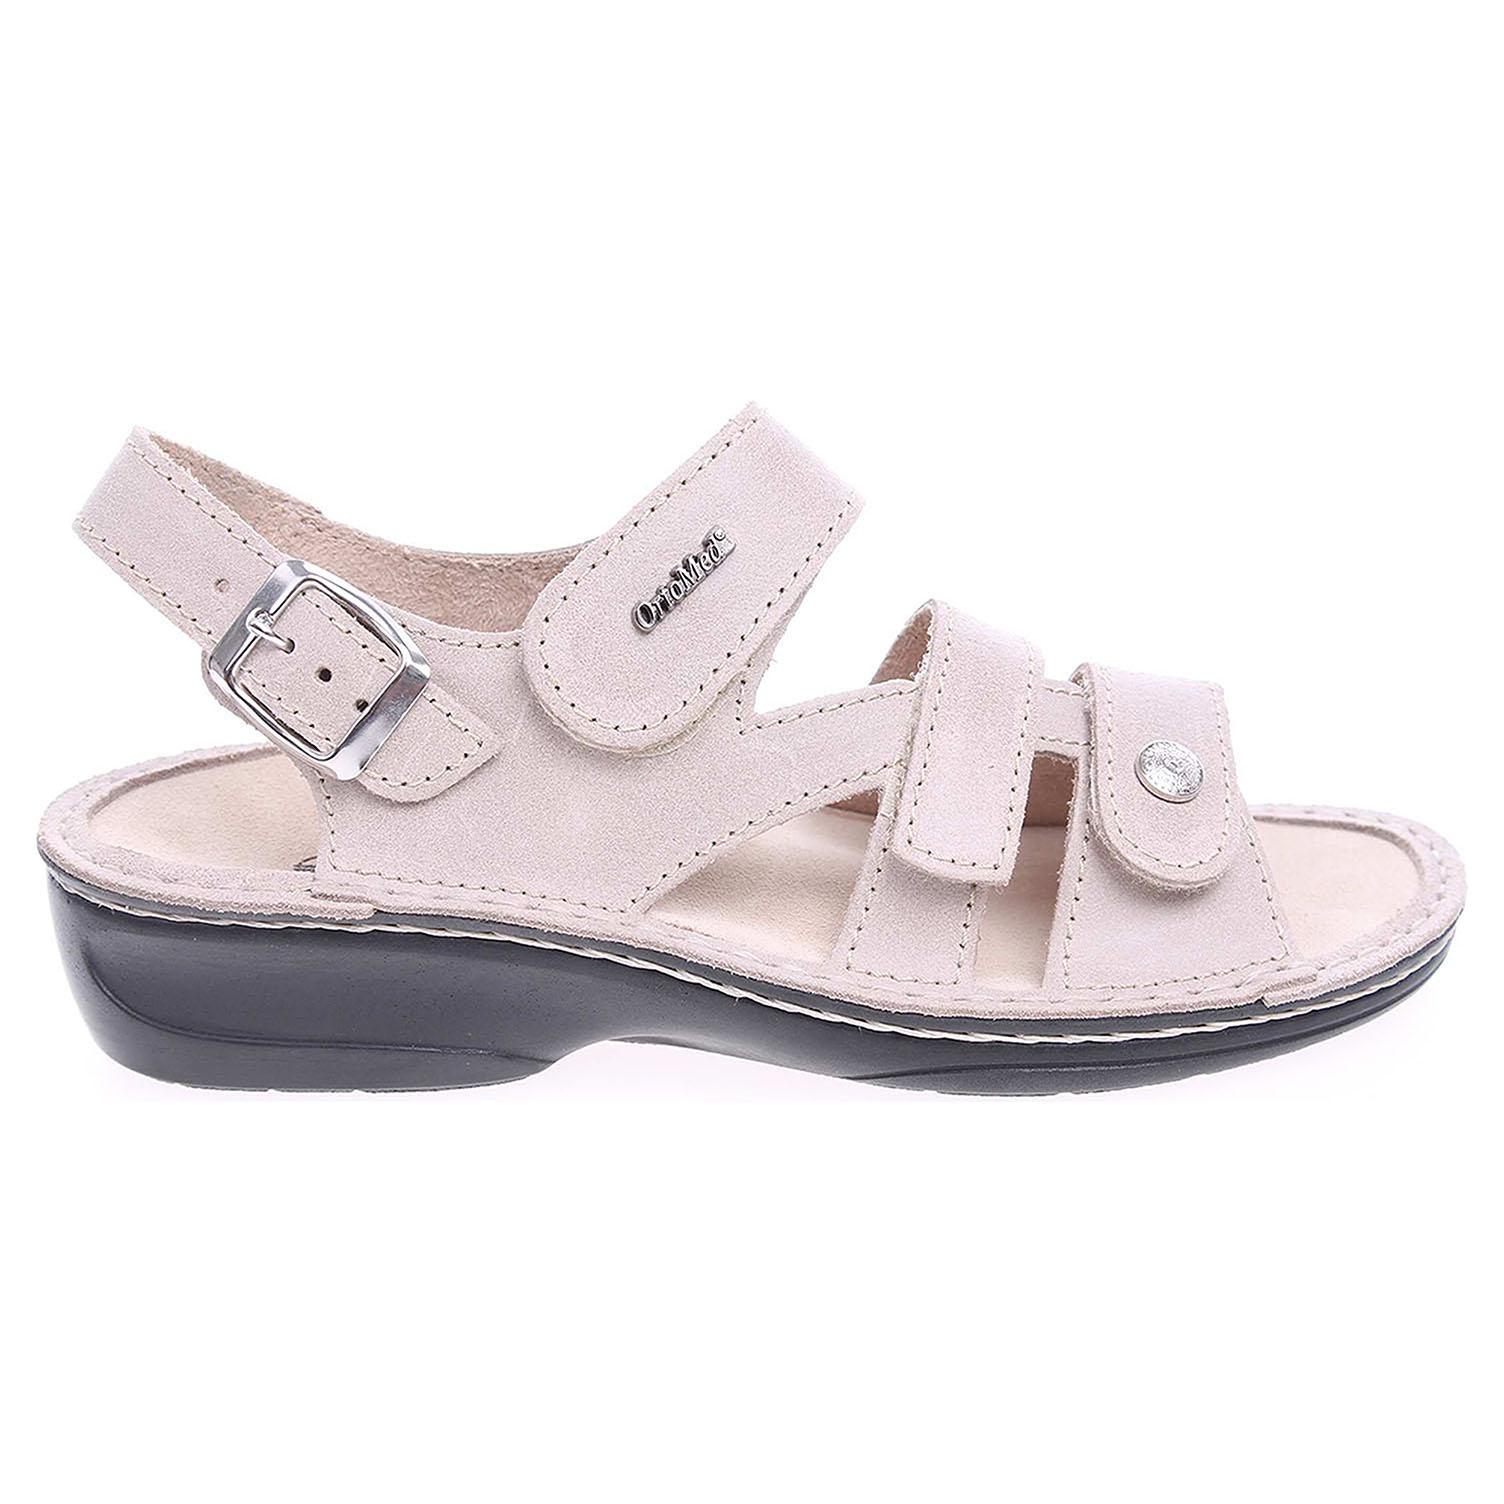 Ecco OrtoMed dámské sandály 3724-012-P61 béžové 23801089